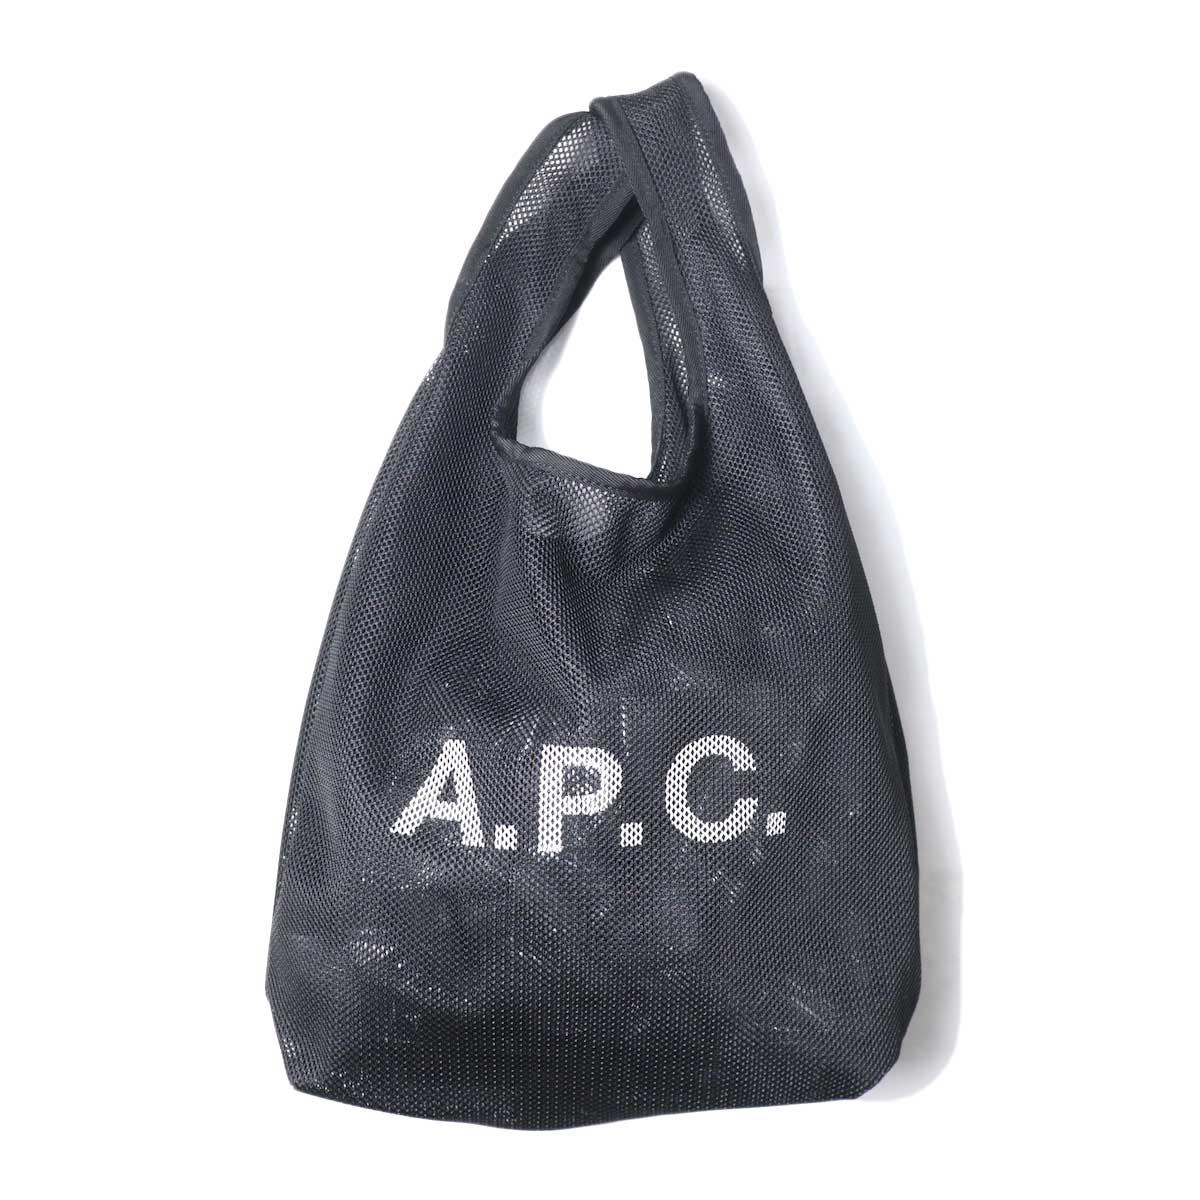 A.P.C. / Rebound ショッピングバッグ (Black)